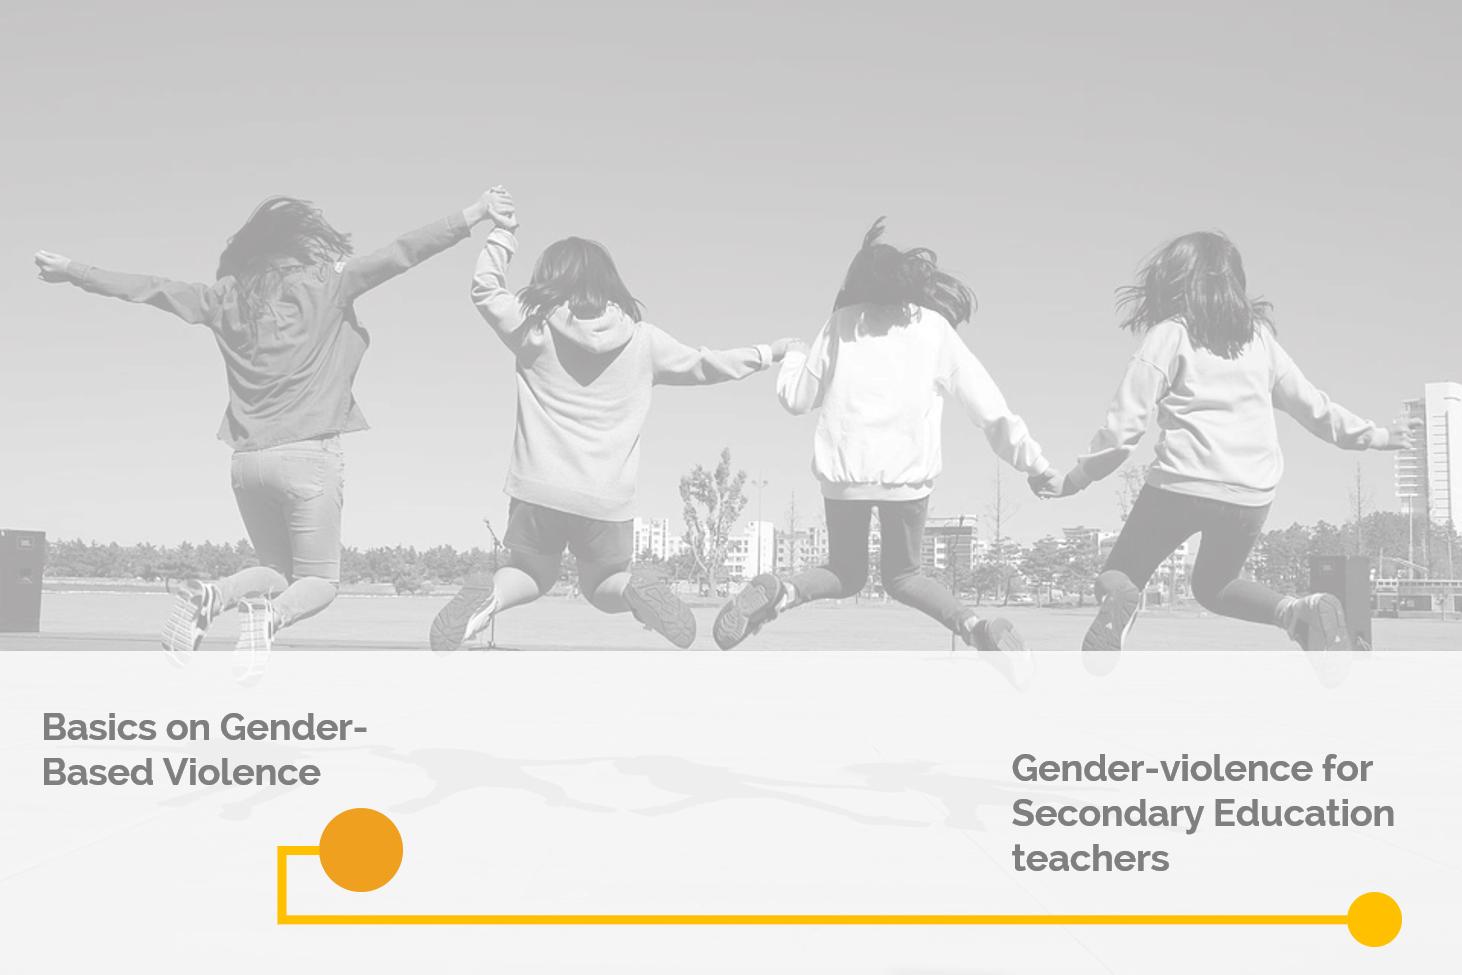 Violența de gen pentru profesorii din învățământul secundar